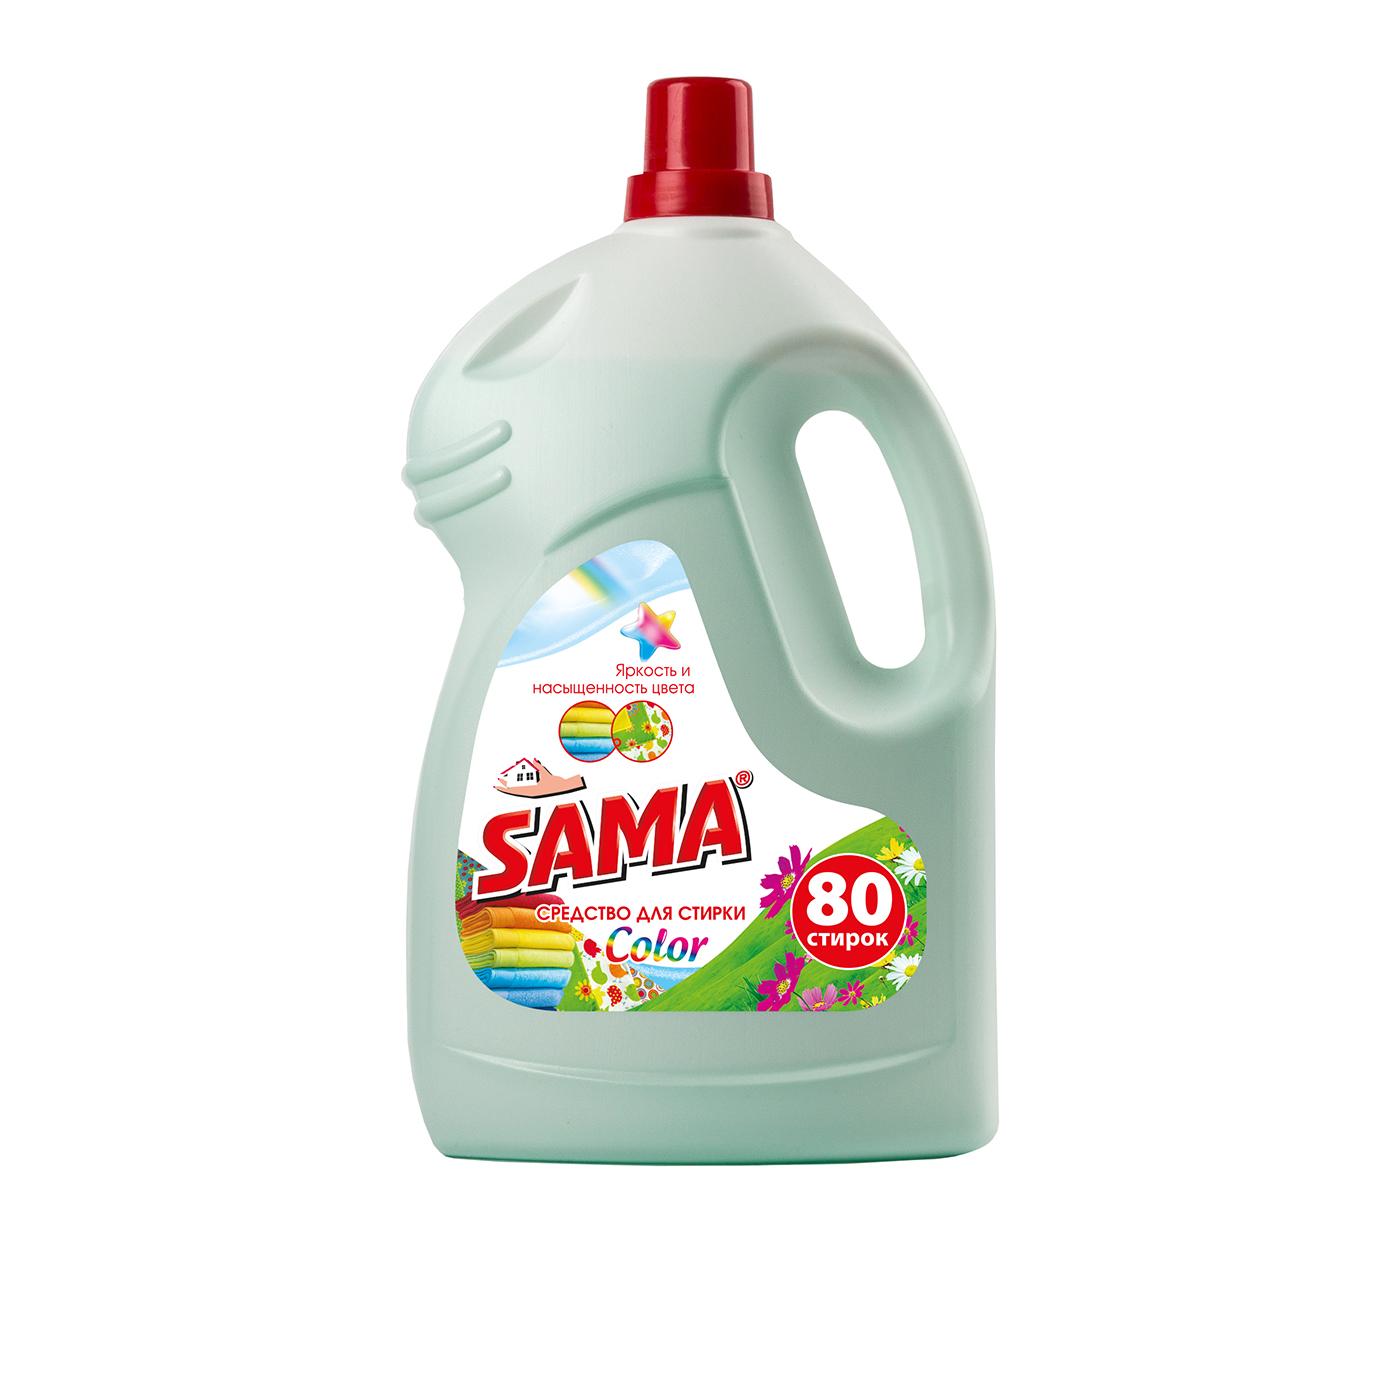 Средство для стирки SАМА  для цветных вещей 4 л